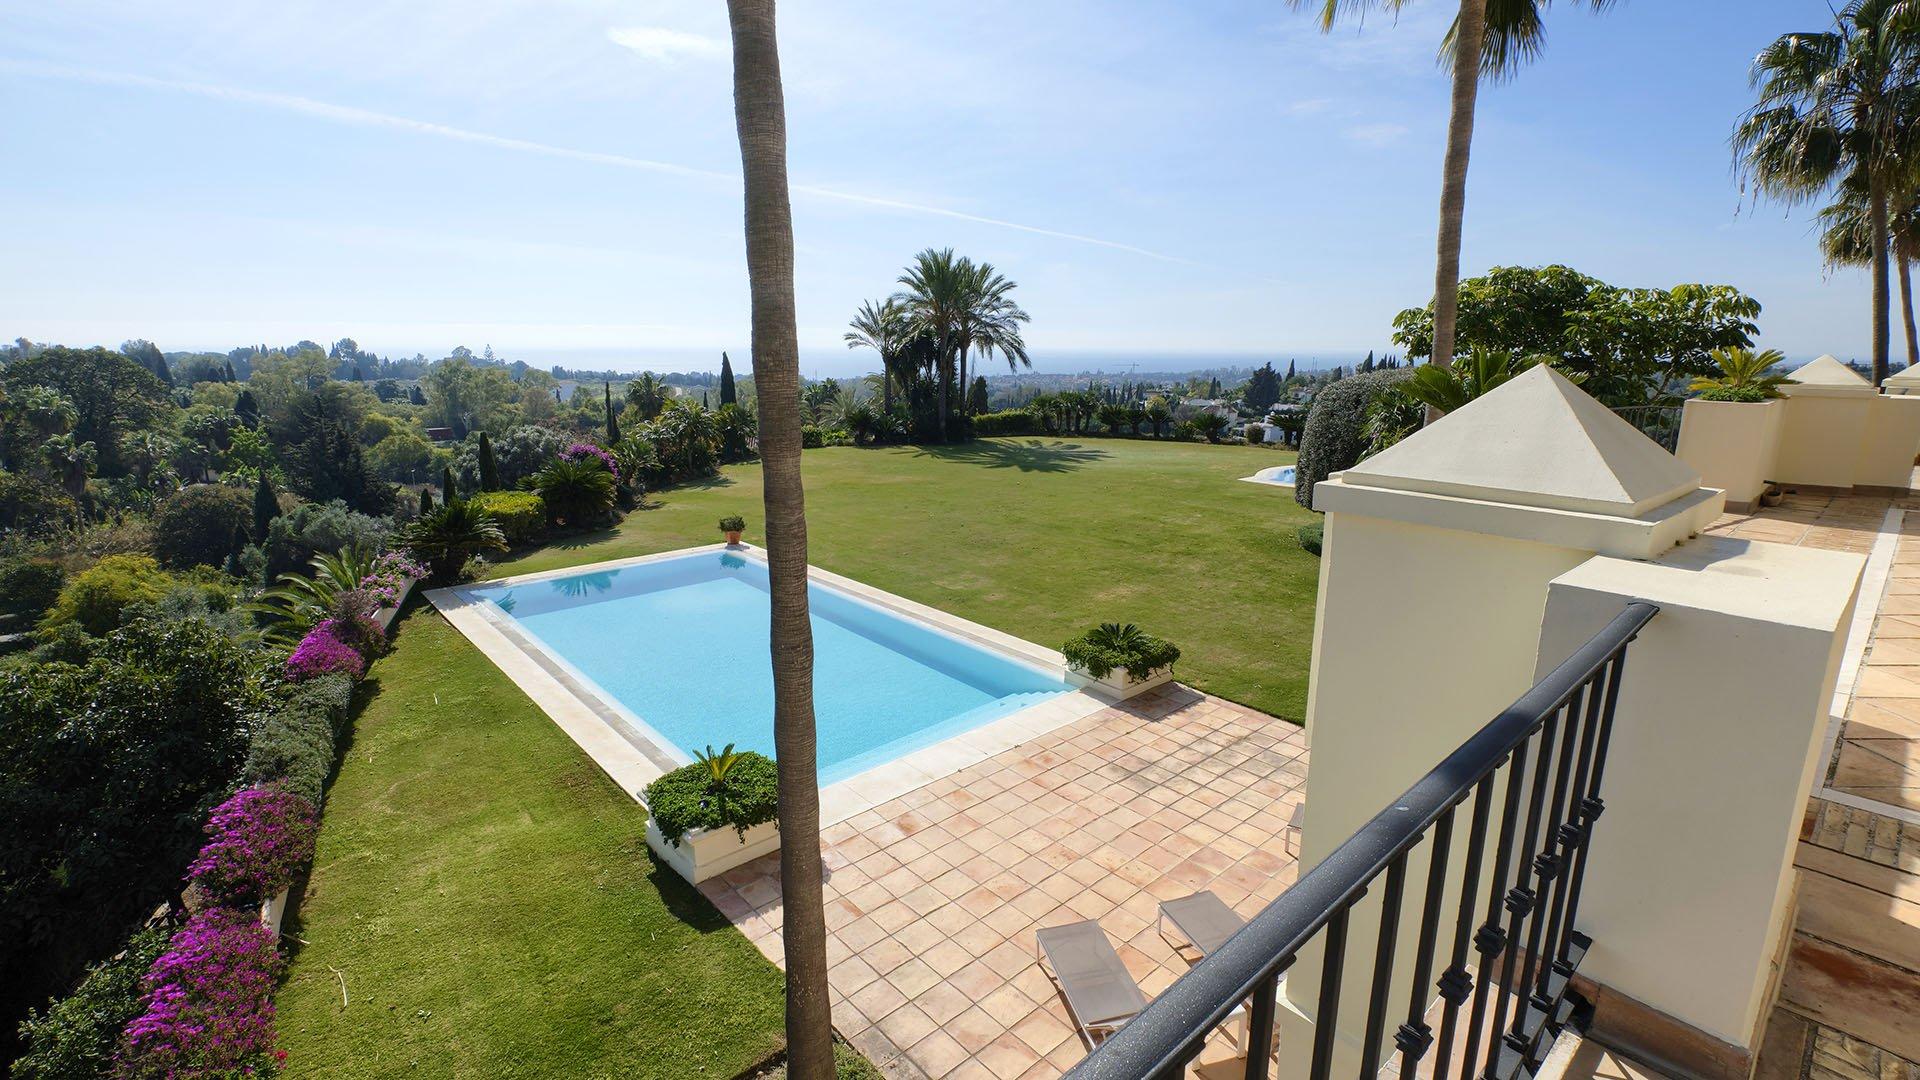 Villa La Rotonda B: Classic villa on the Golden Mile in Marbella